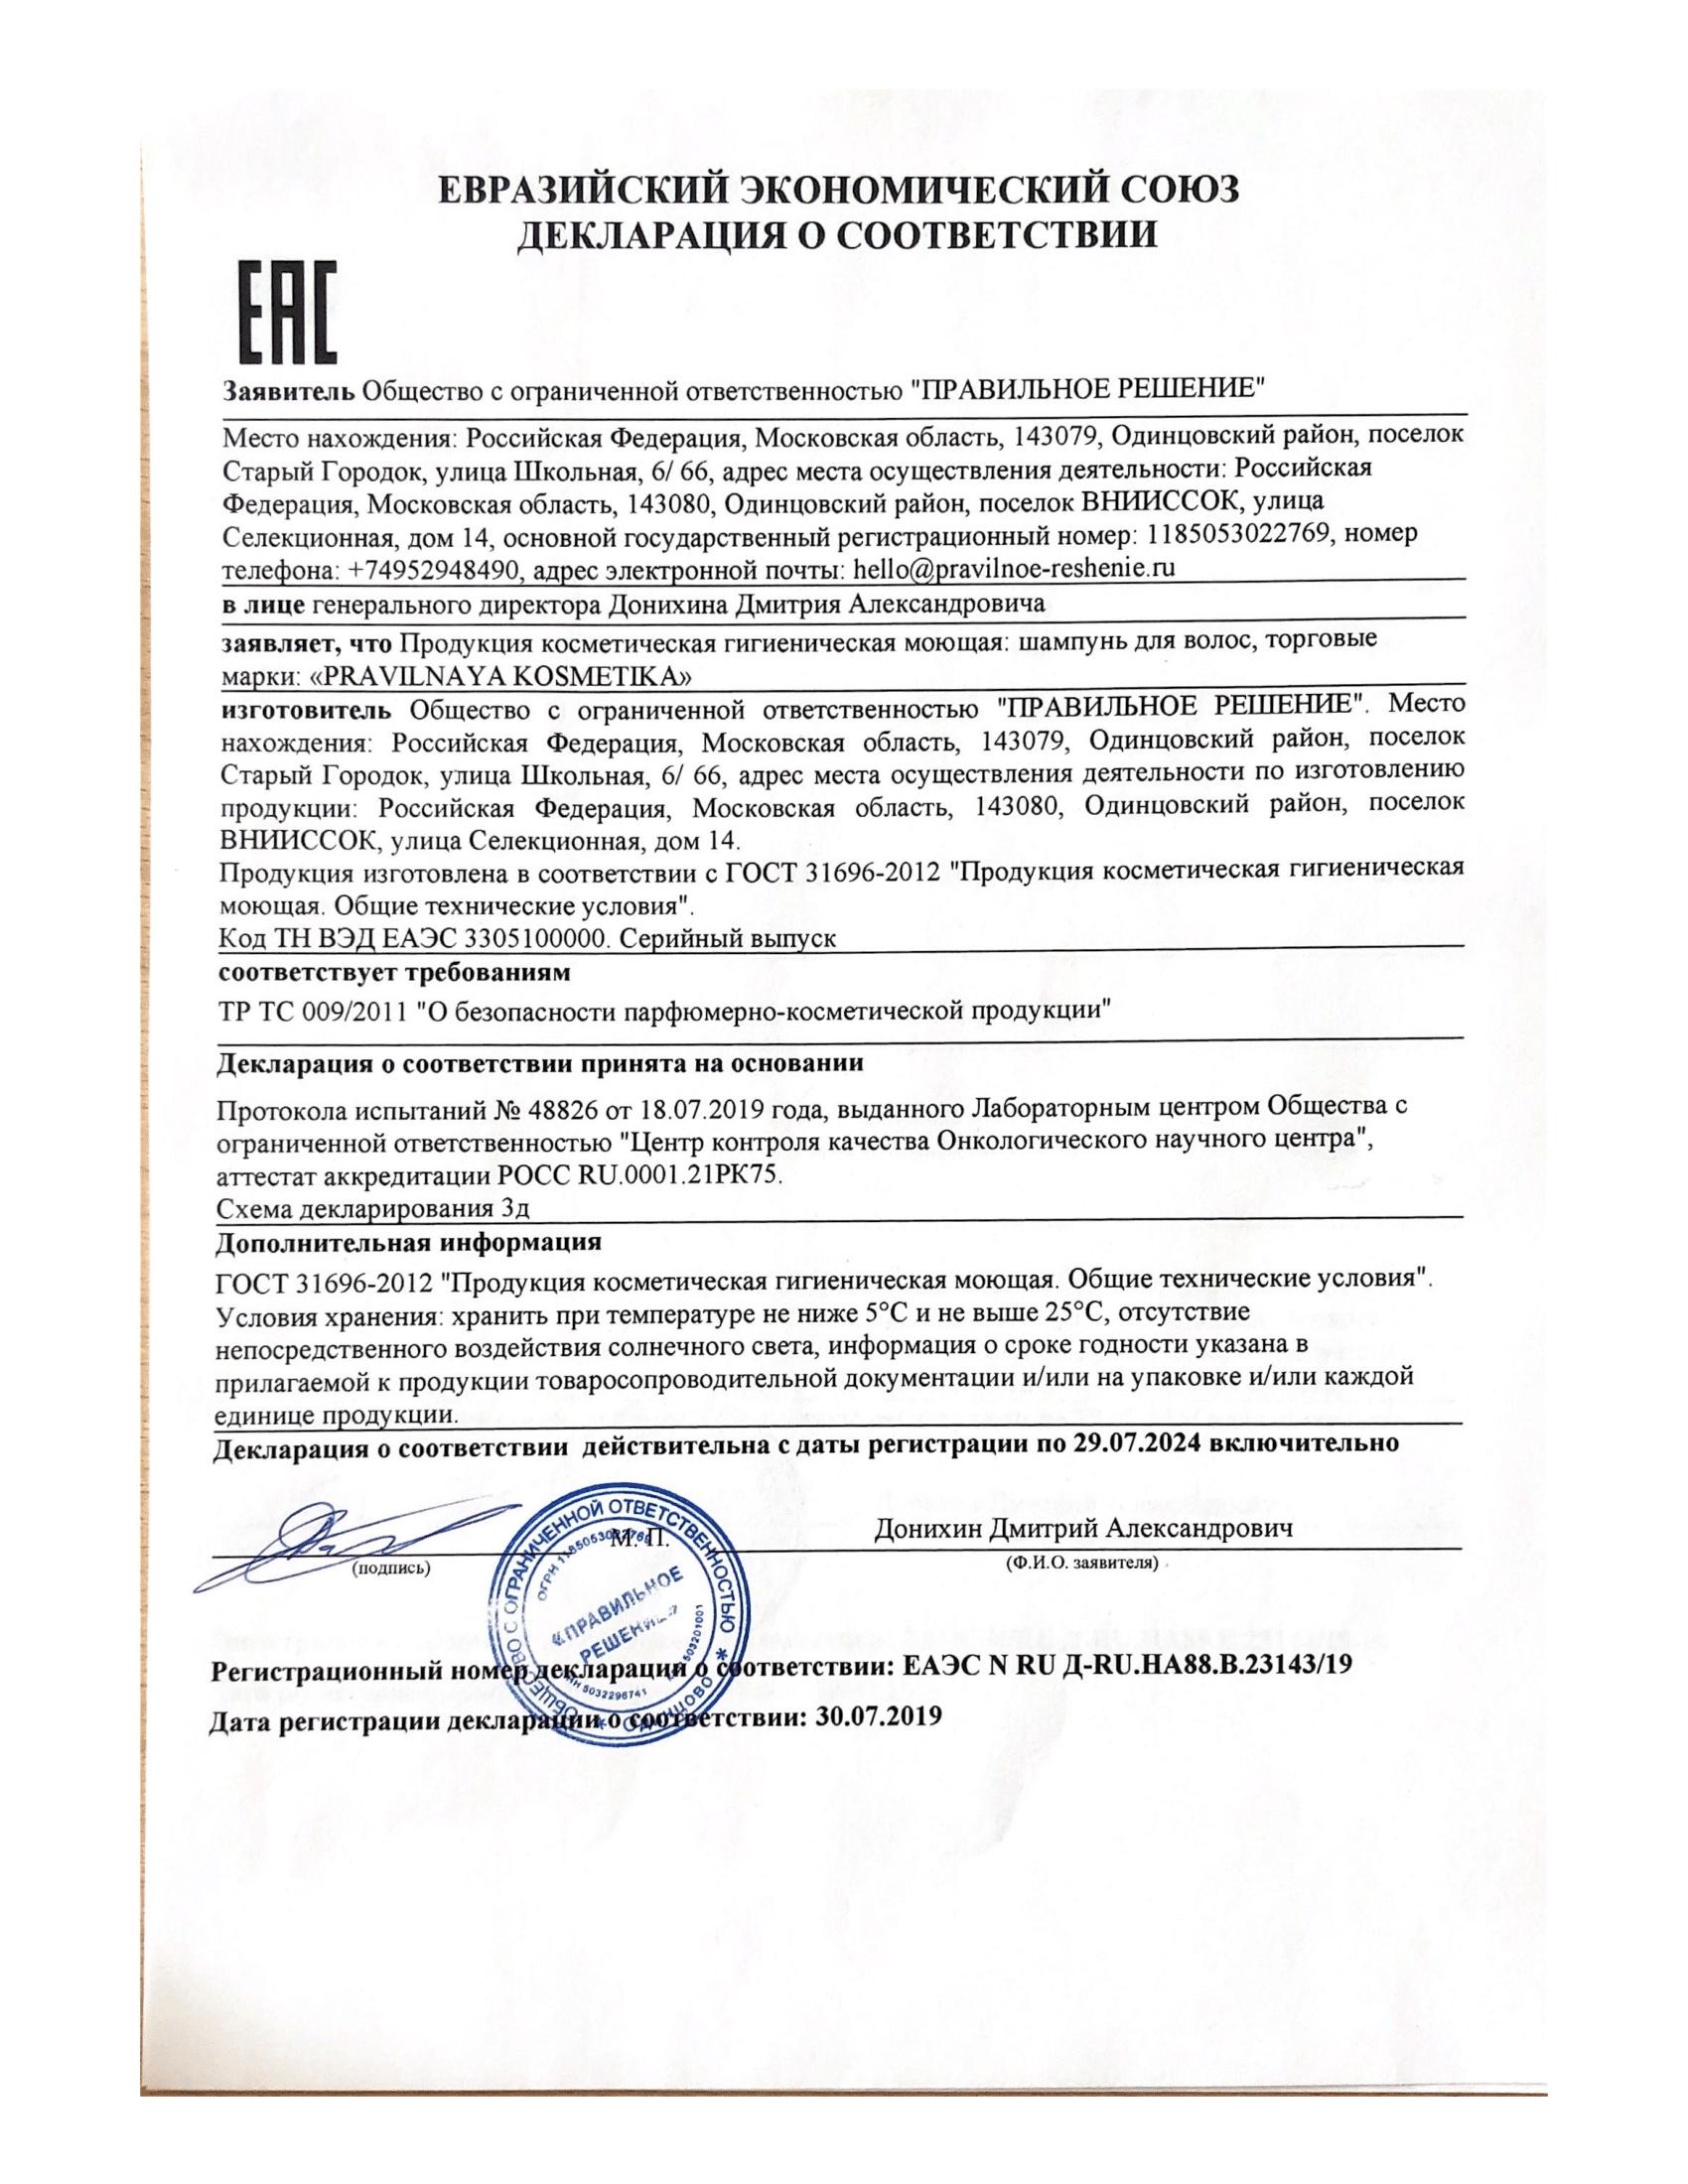 Сертификат на шампуни для волос